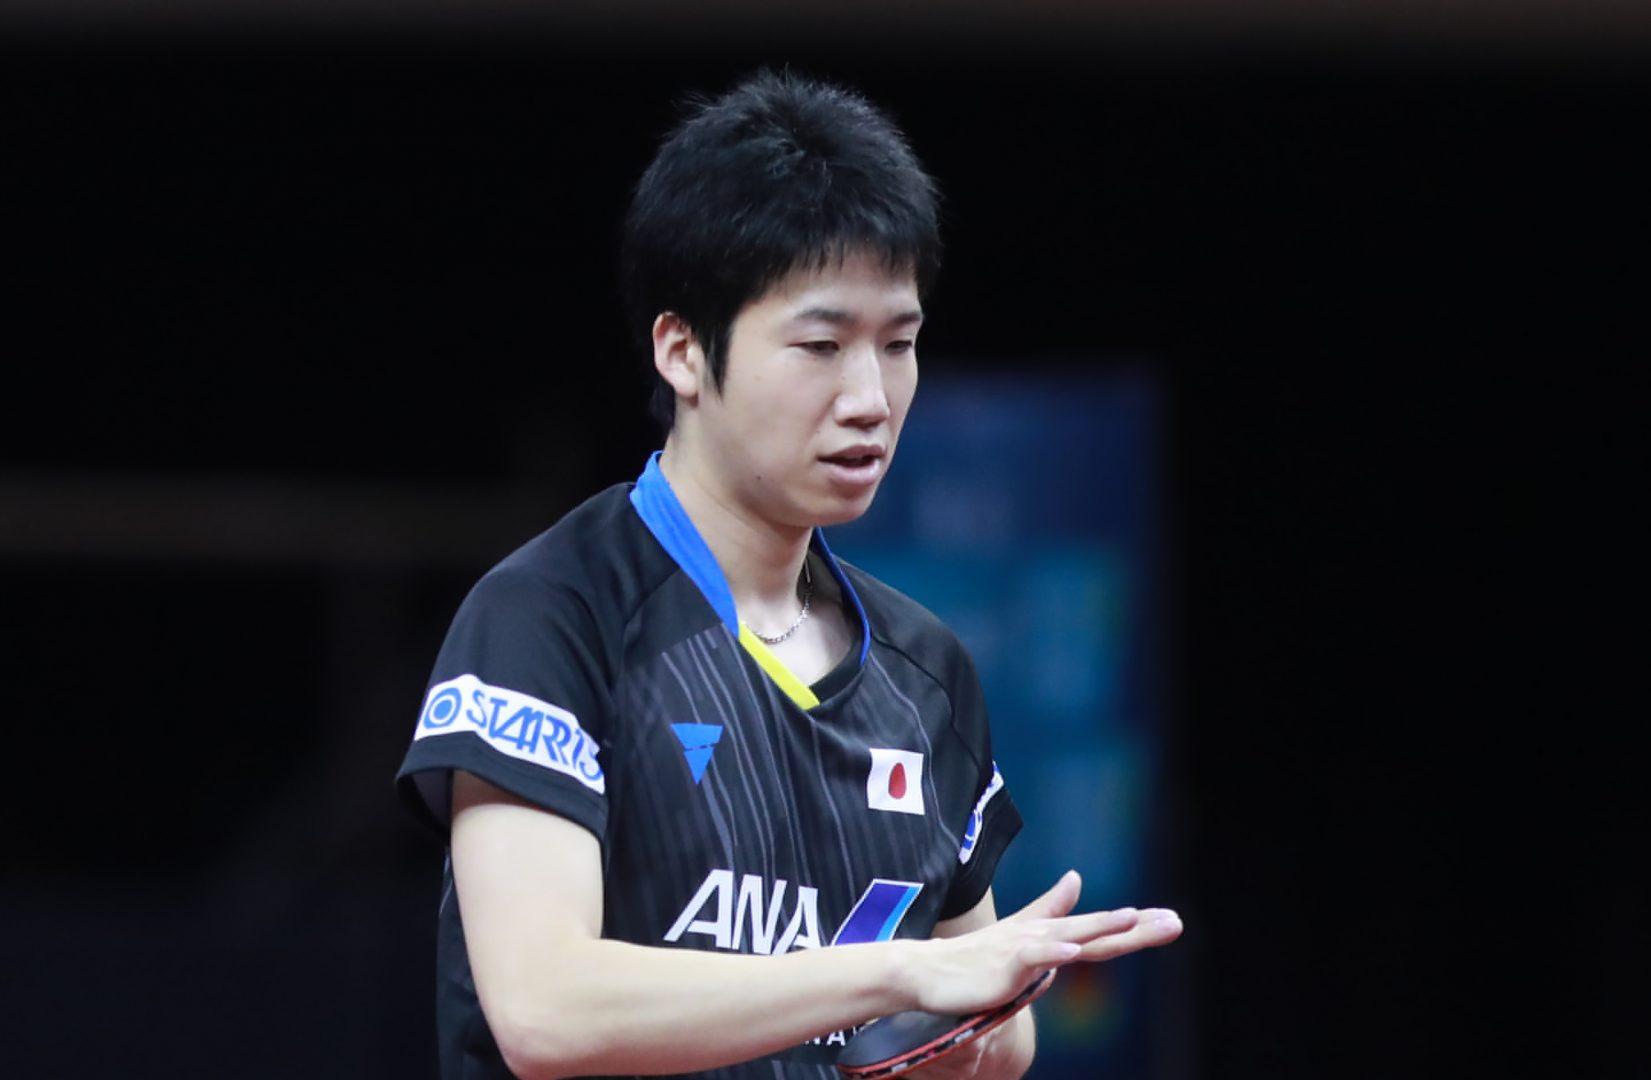 水谷隼、奮闘もイングランドのエースに惜敗<卓球・オーストリアオープン  男子単>